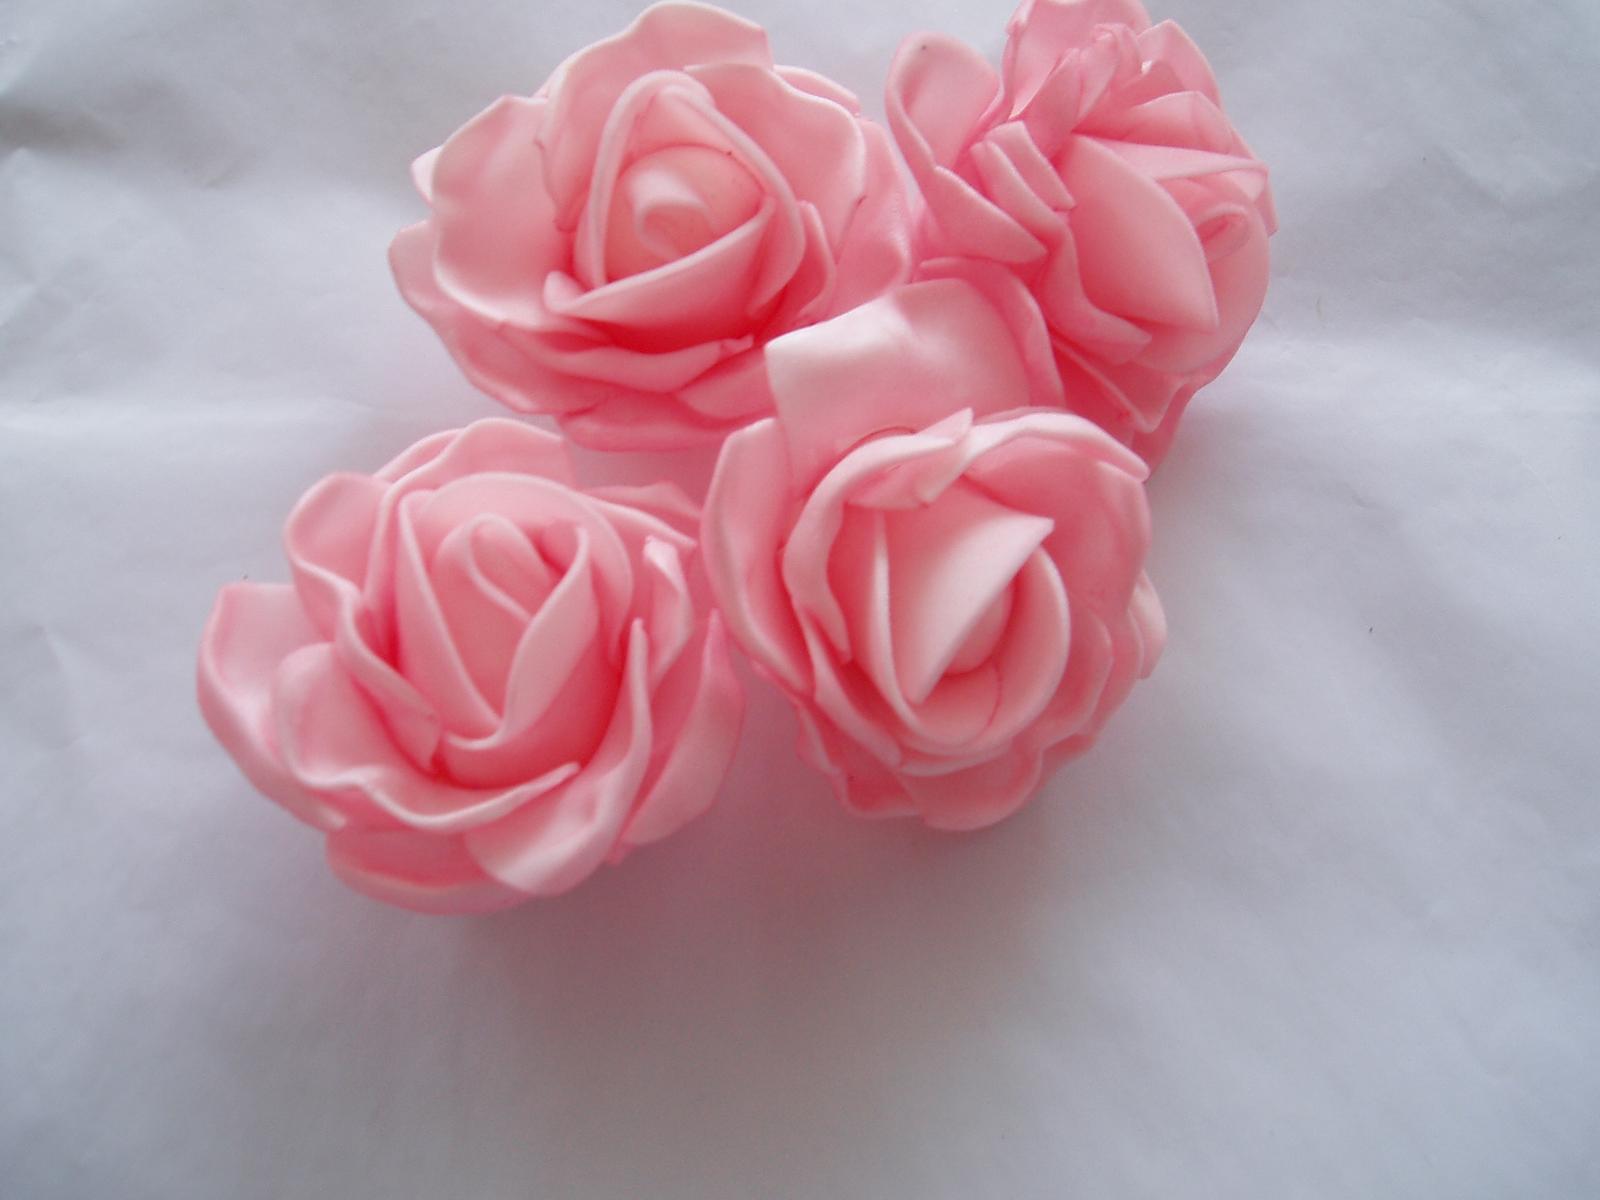 pěnová růže světle růžová - Obrázek č. 1